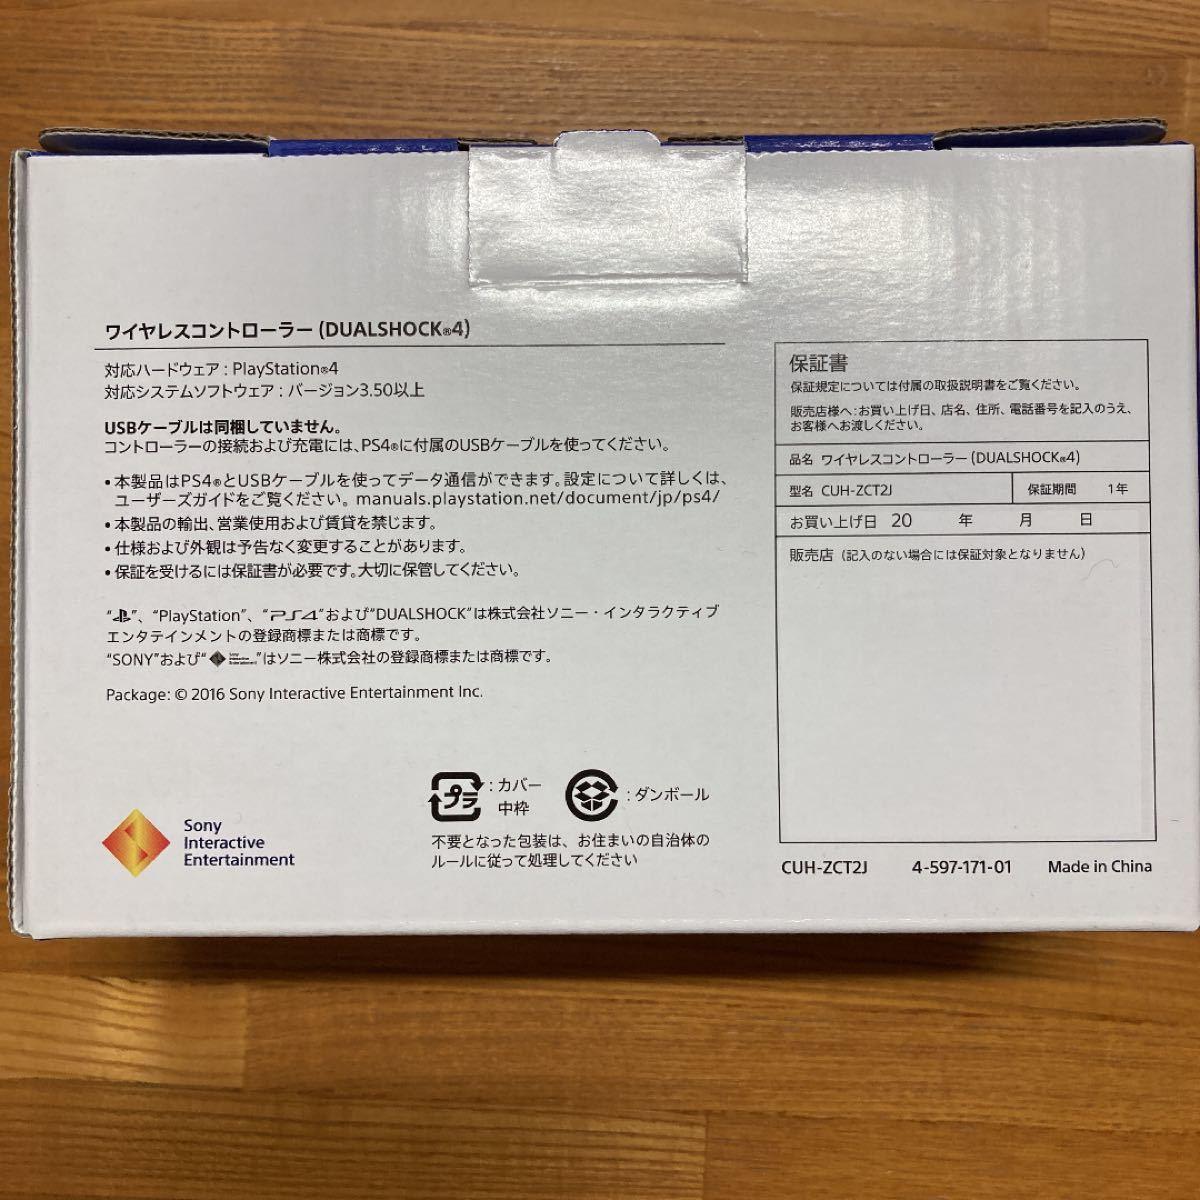 PS4 ワイヤレスコントローラー DUALSHOCK4 プレステ4 ジェットブラック